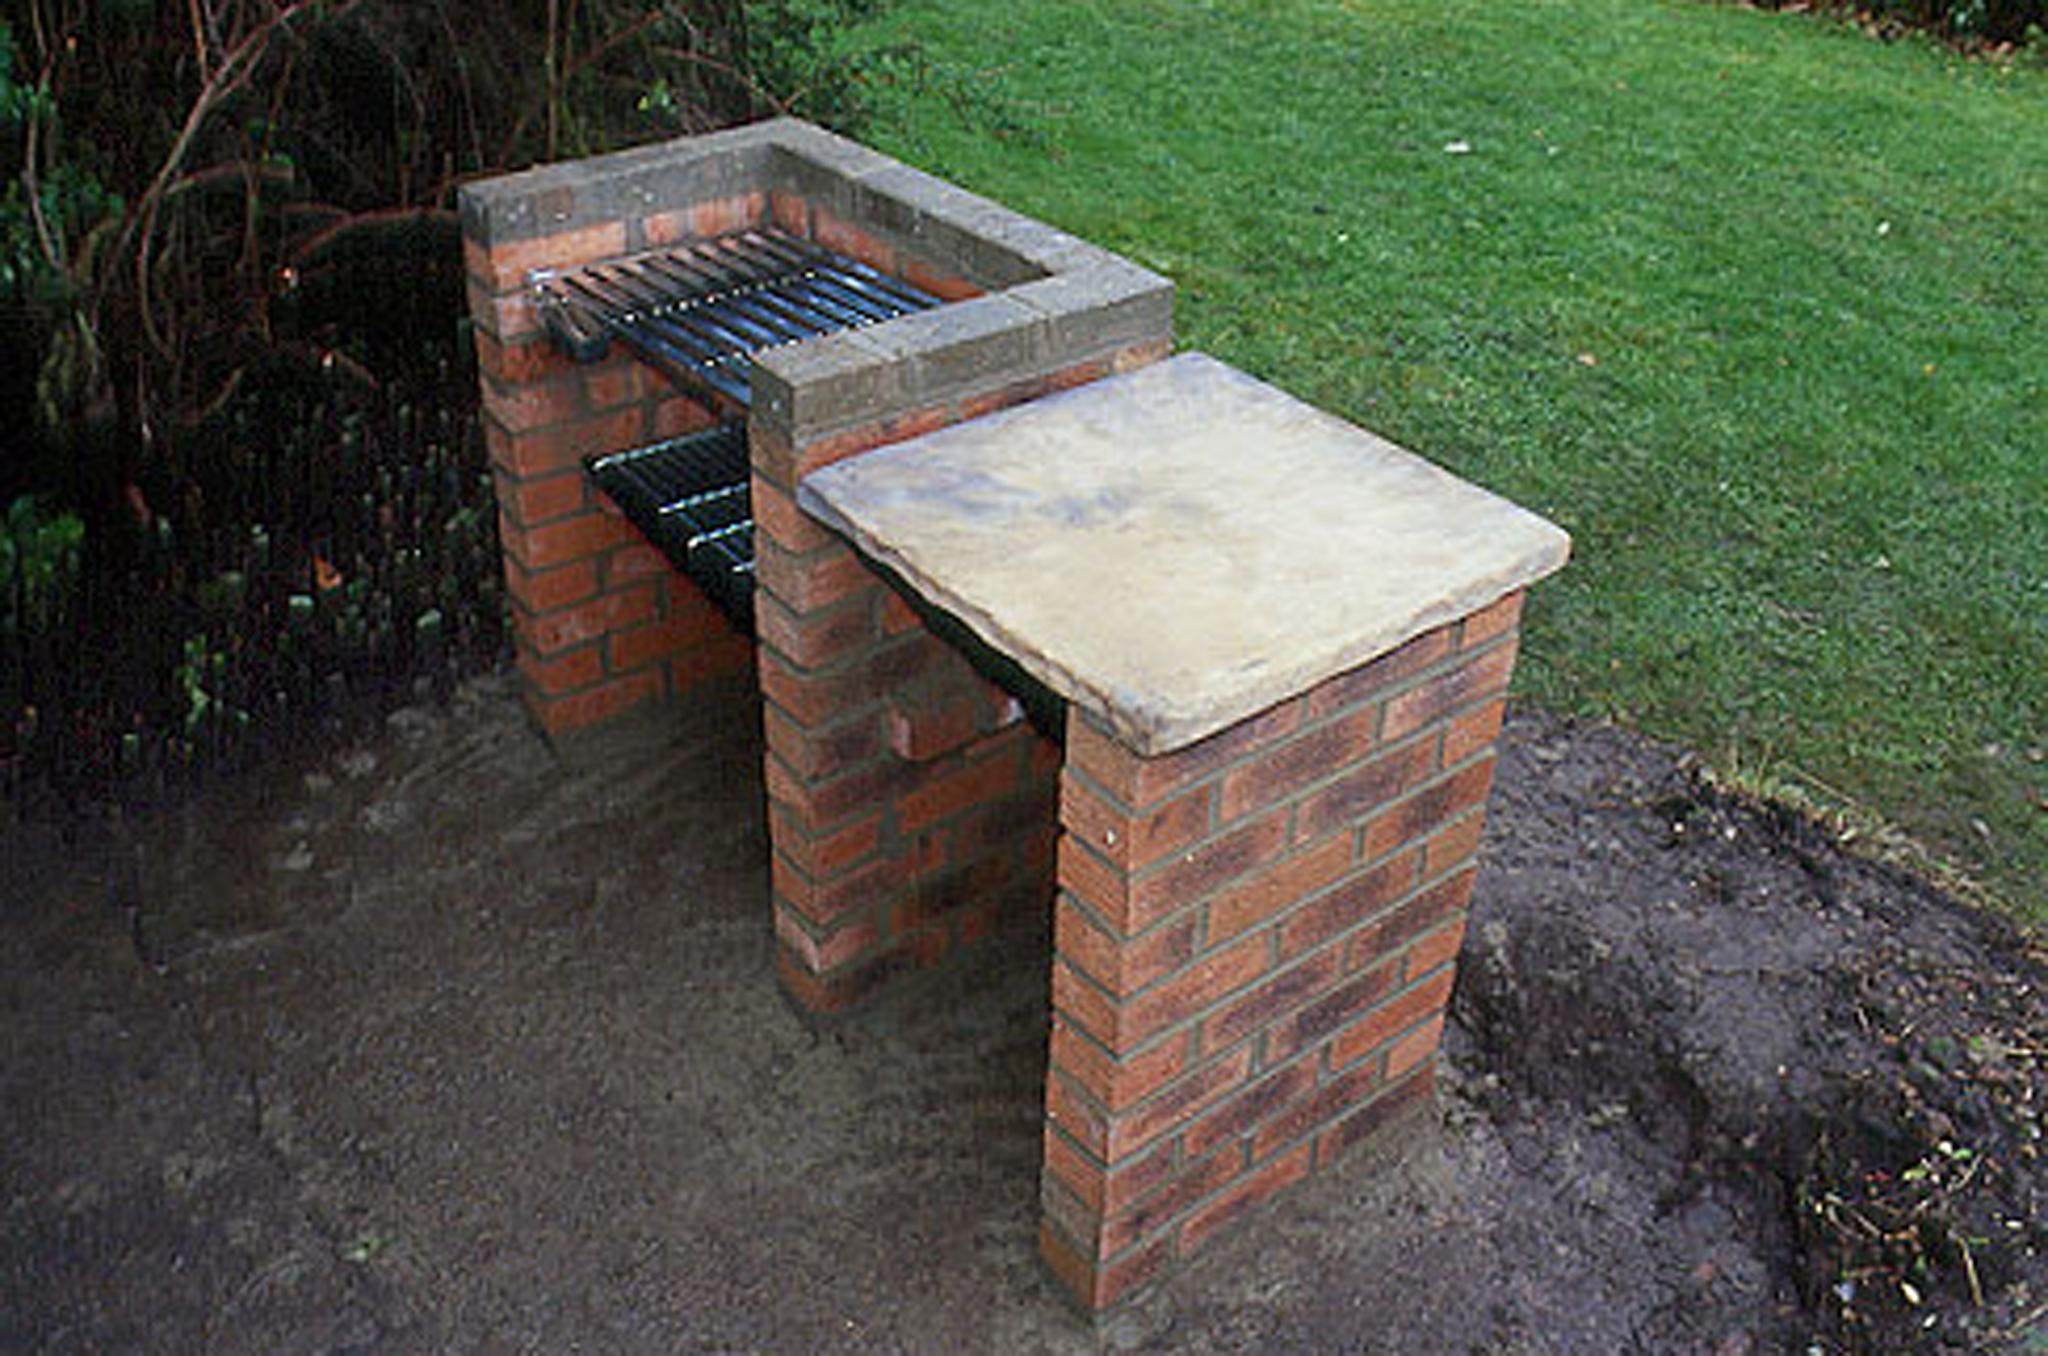 A brick barbecue